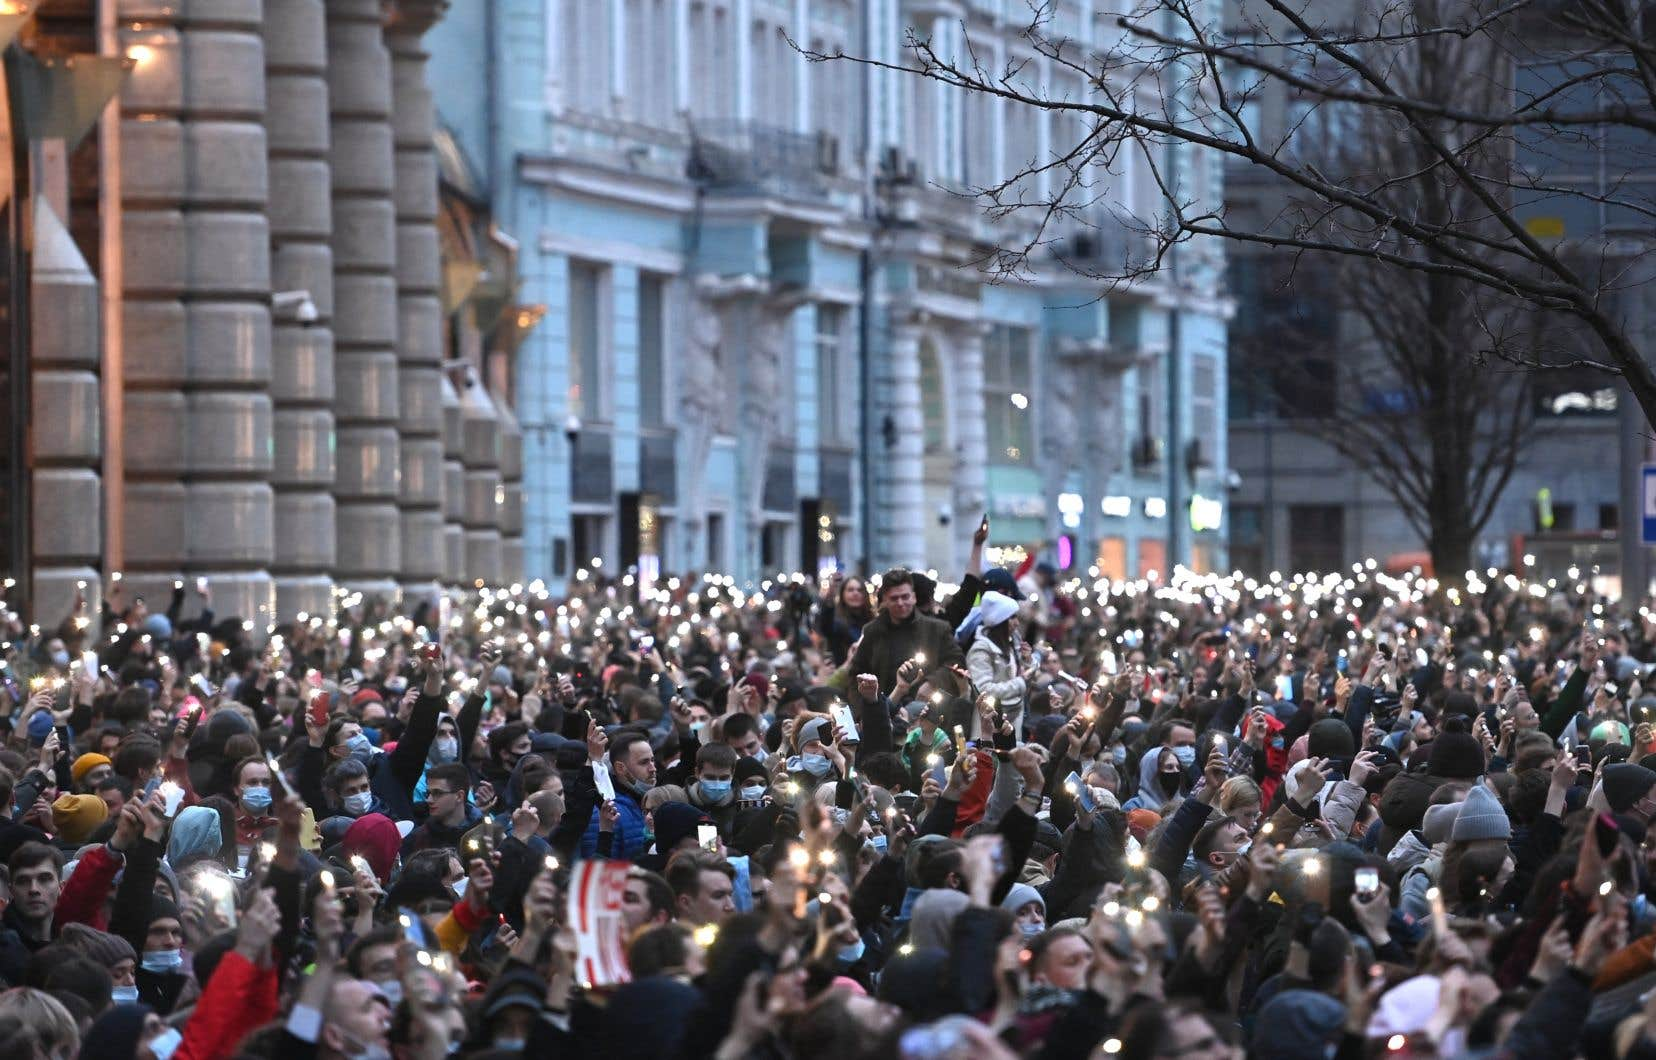 Des milliers de personnes ont défié l'interdiction de rassemblement, notamment à Moscou et Saint-Pétersbourg où des foules importantes se sont réunies.